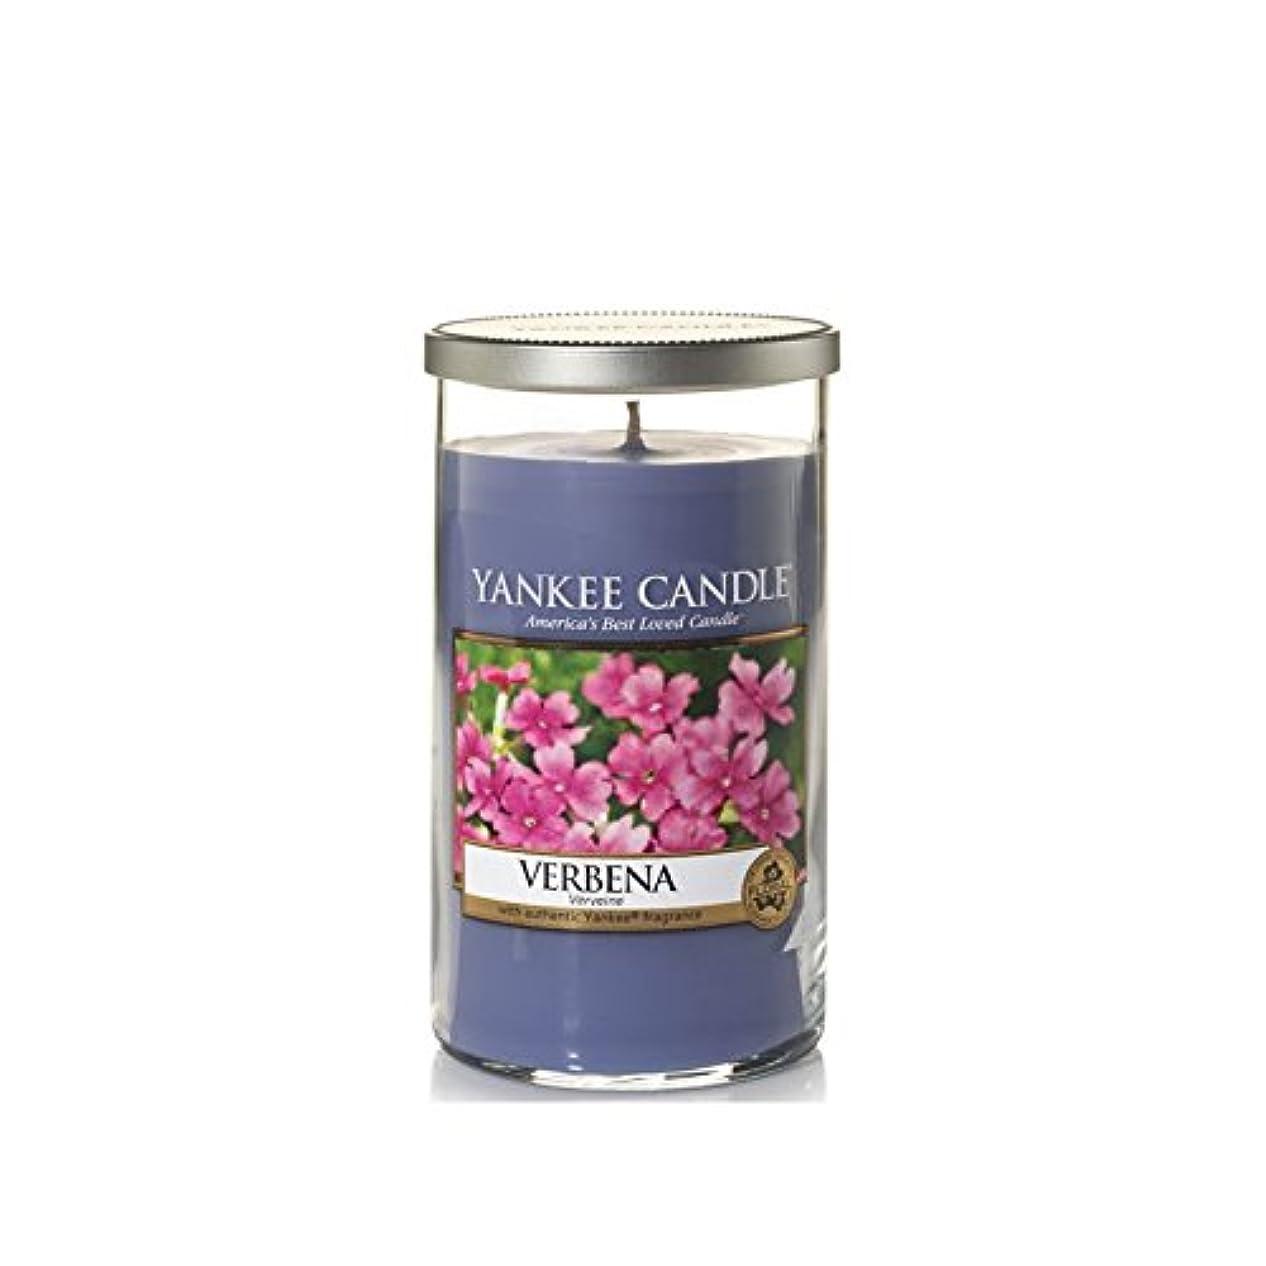 行動モディッシュ司令官ヤンキーキャンドルメディアピラーキャンドル - バーベナ - Yankee Candles Medium Pillar Candle - Verbena (Yankee Candles) [並行輸入品]